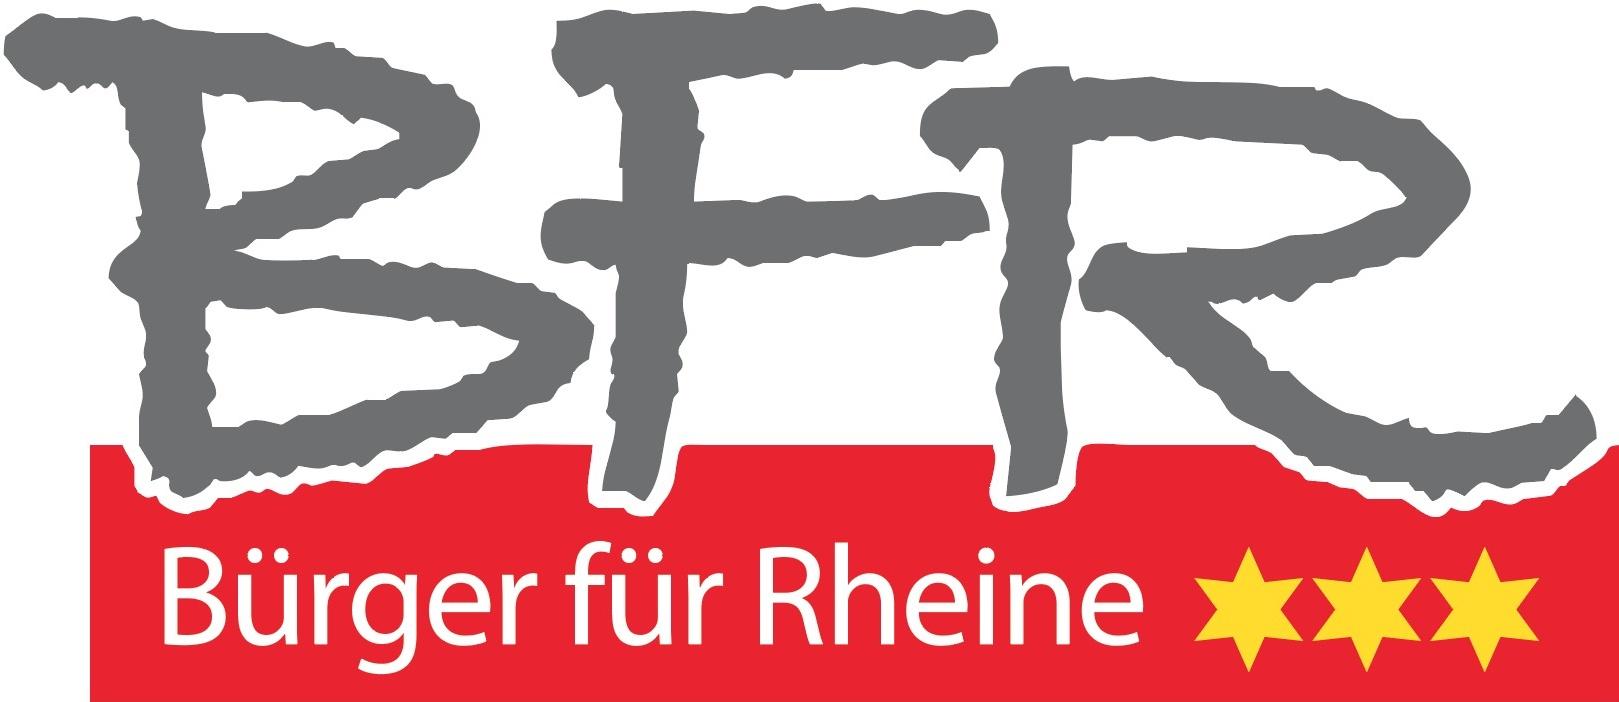 Bürger für Rheine